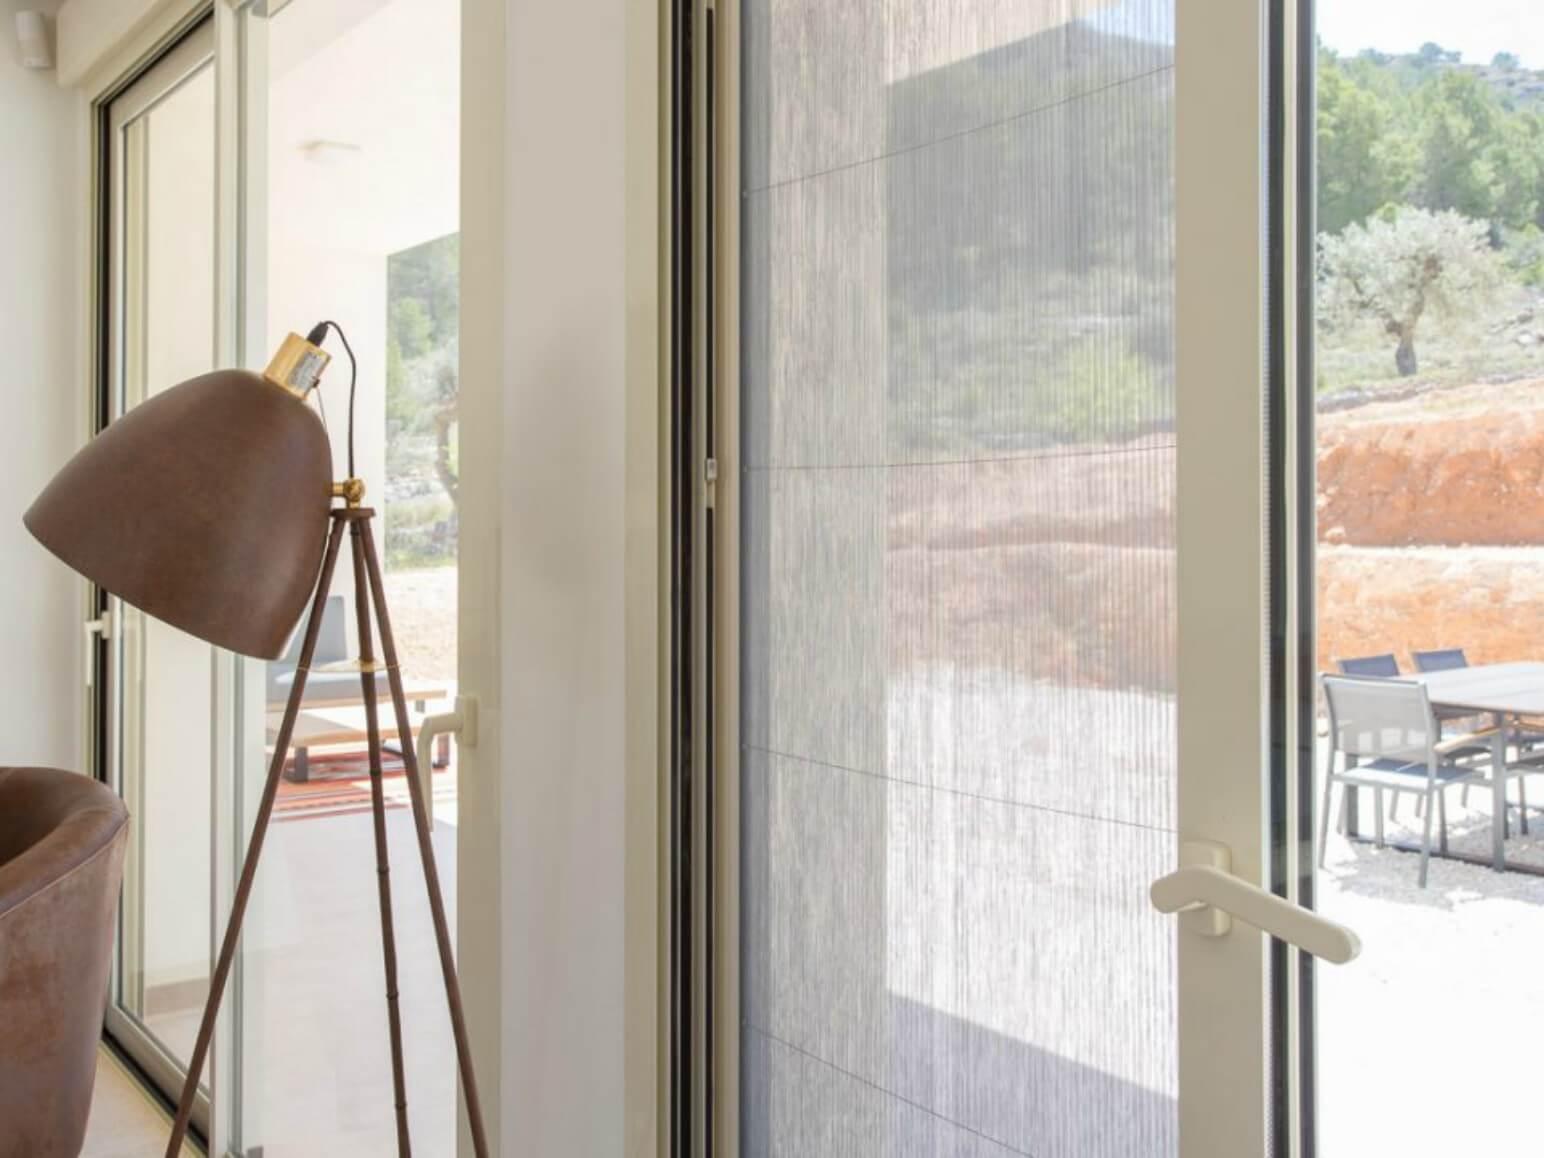 exterior en interior cerramientos ventanas tecknica thermic proyecto 19 sistemas de aluminio para la construccion alumed aluminium systems alicante 2